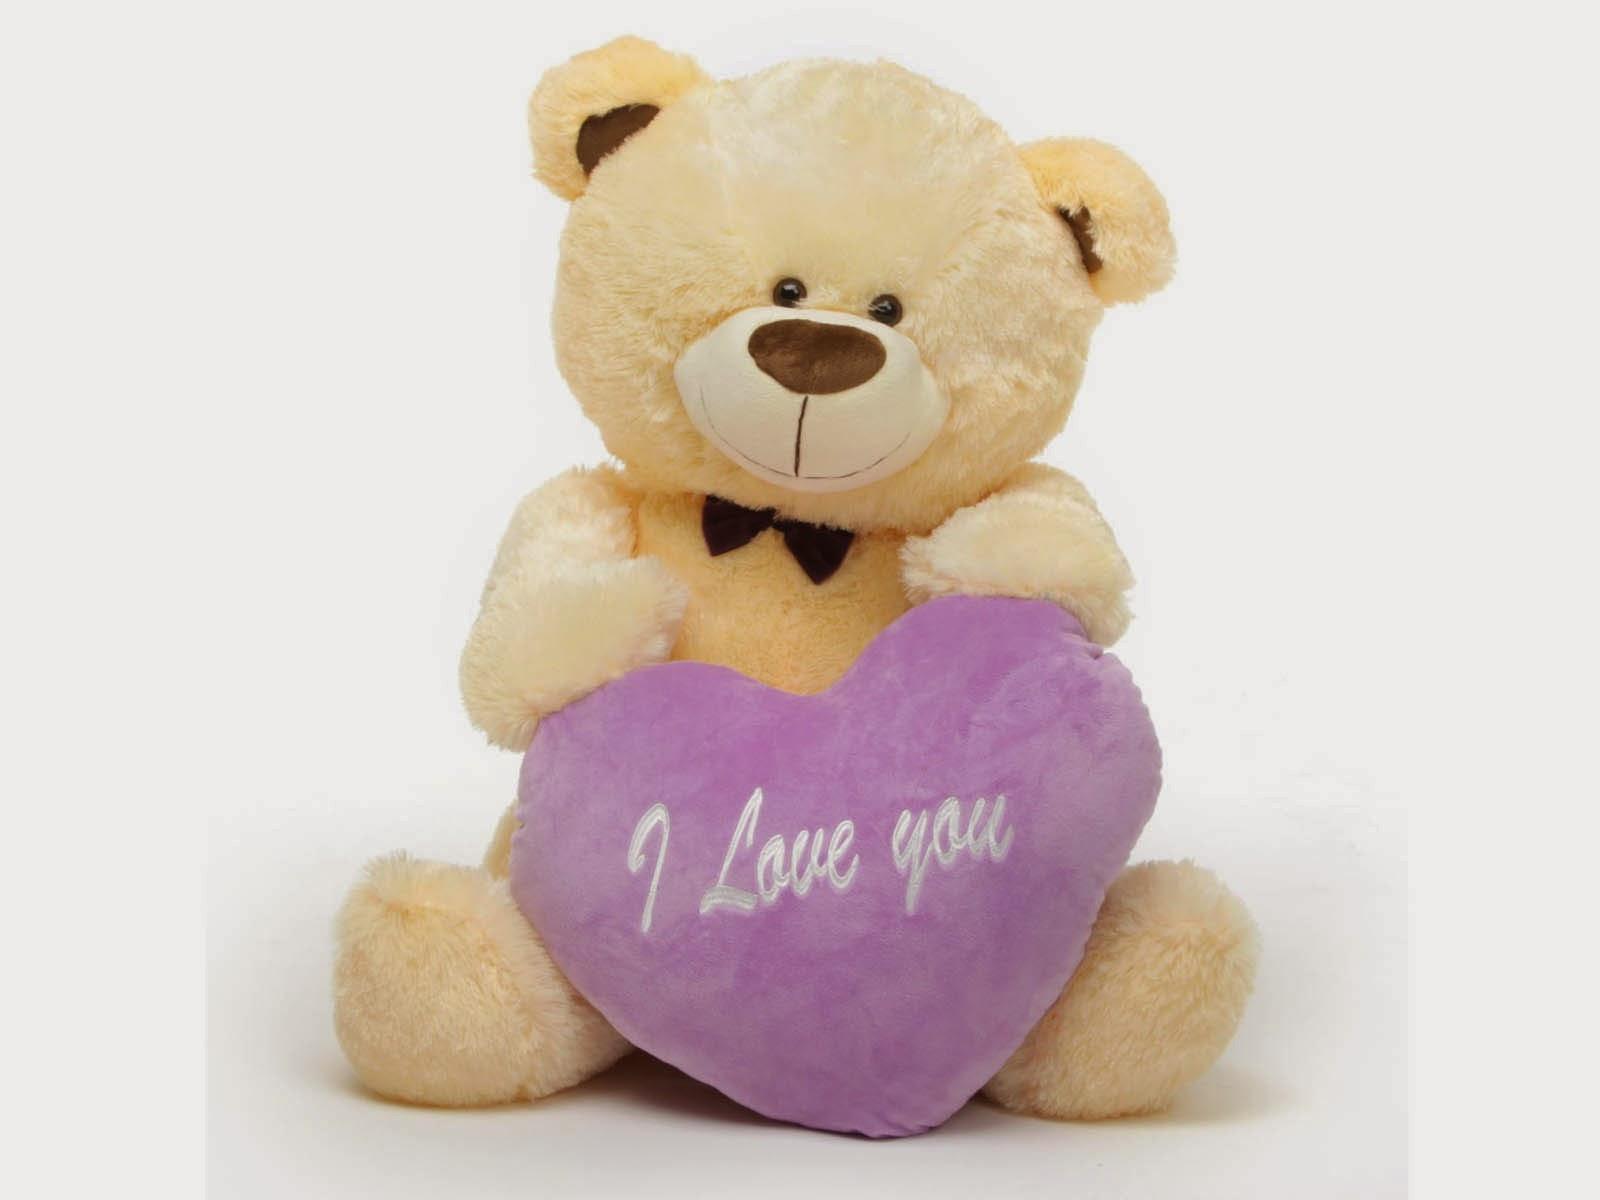 Free Download HD Wallpapers: Cute Teddy Bear Love HD